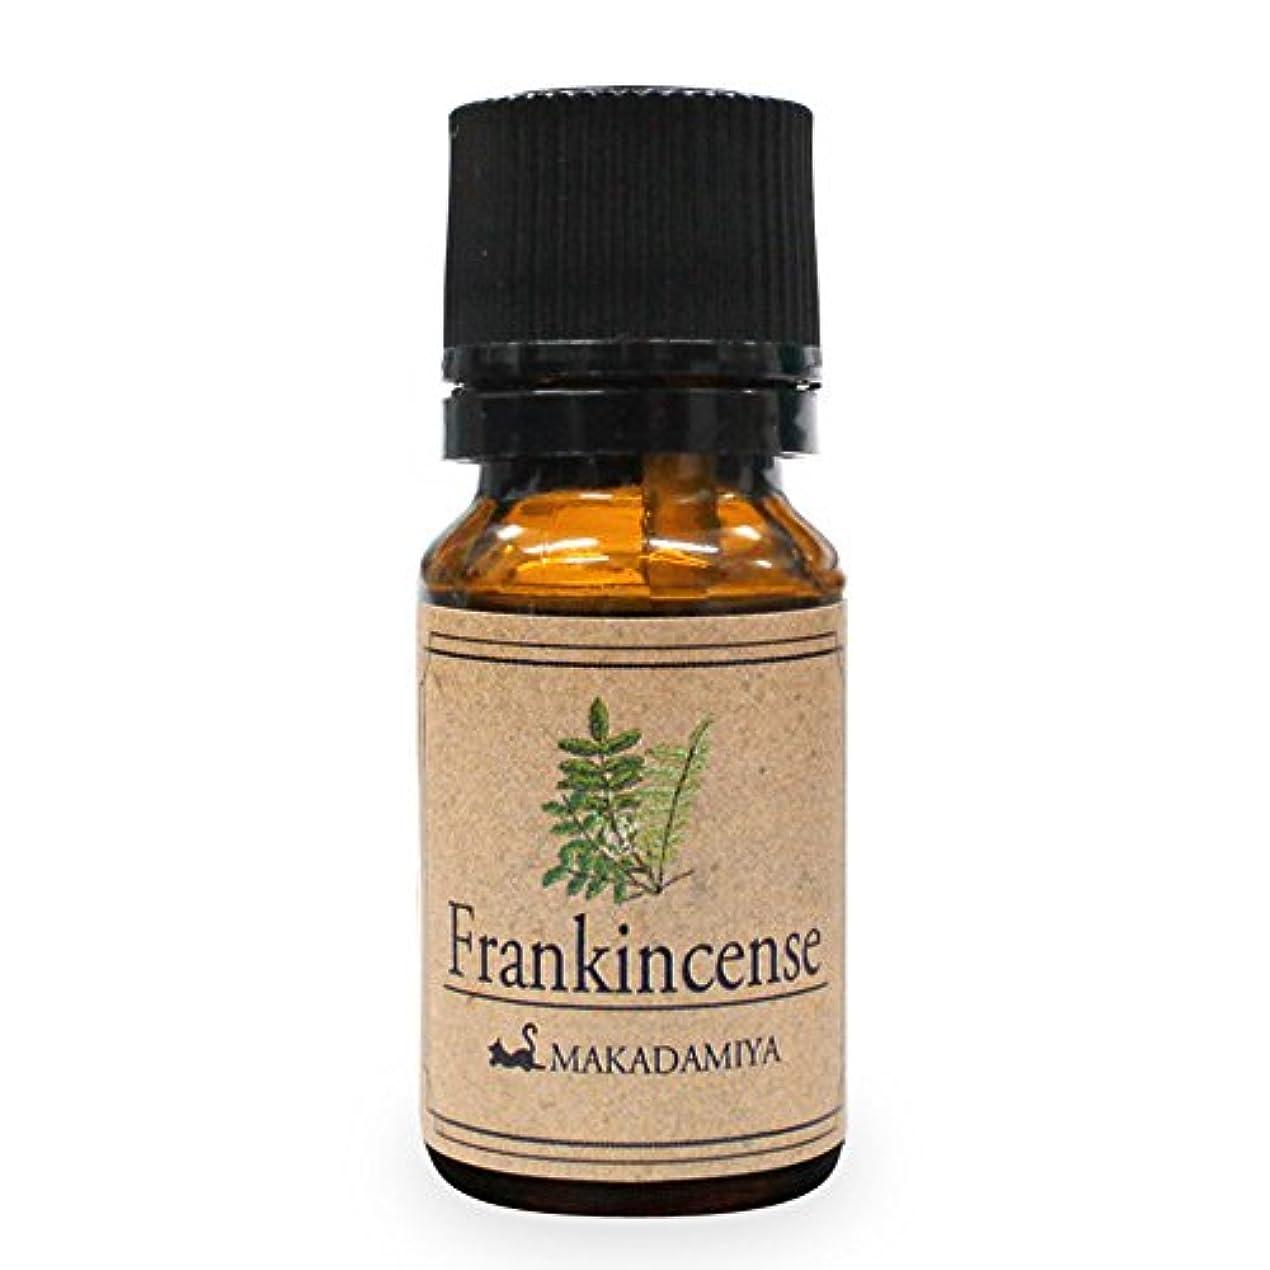 すずめハング正しいフランキンセンス10ml 天然100%植物性 エッセンシャルオイル(精油) アロマオイル アロママッサージ aroma Frankincense